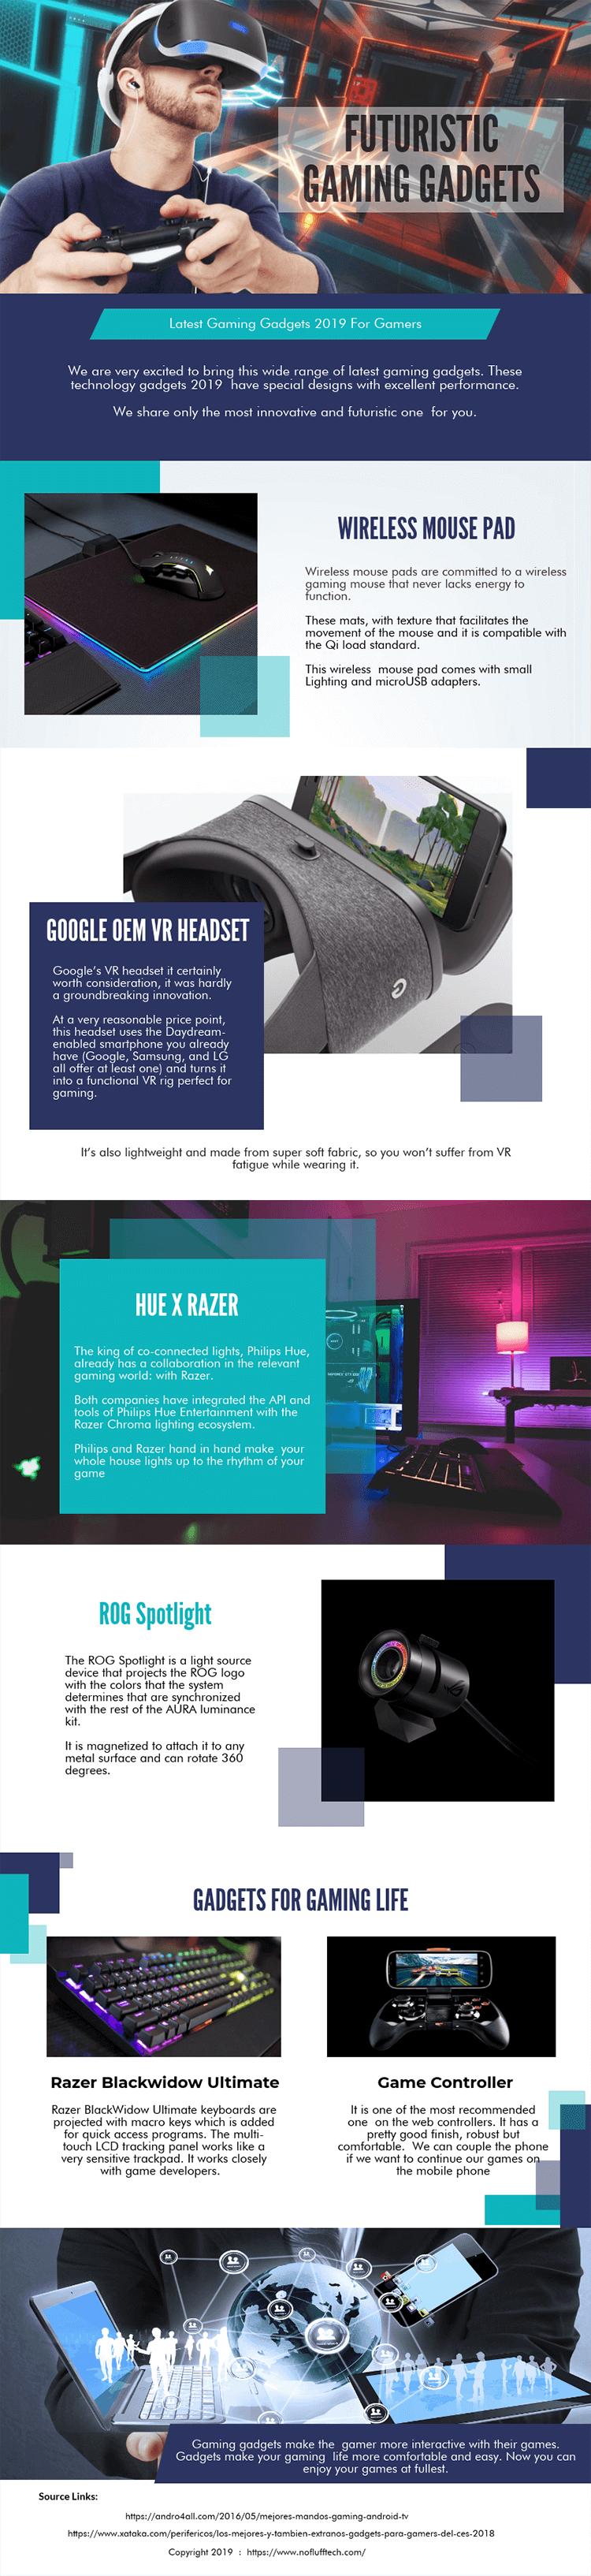 Gaming Gadgets 2019